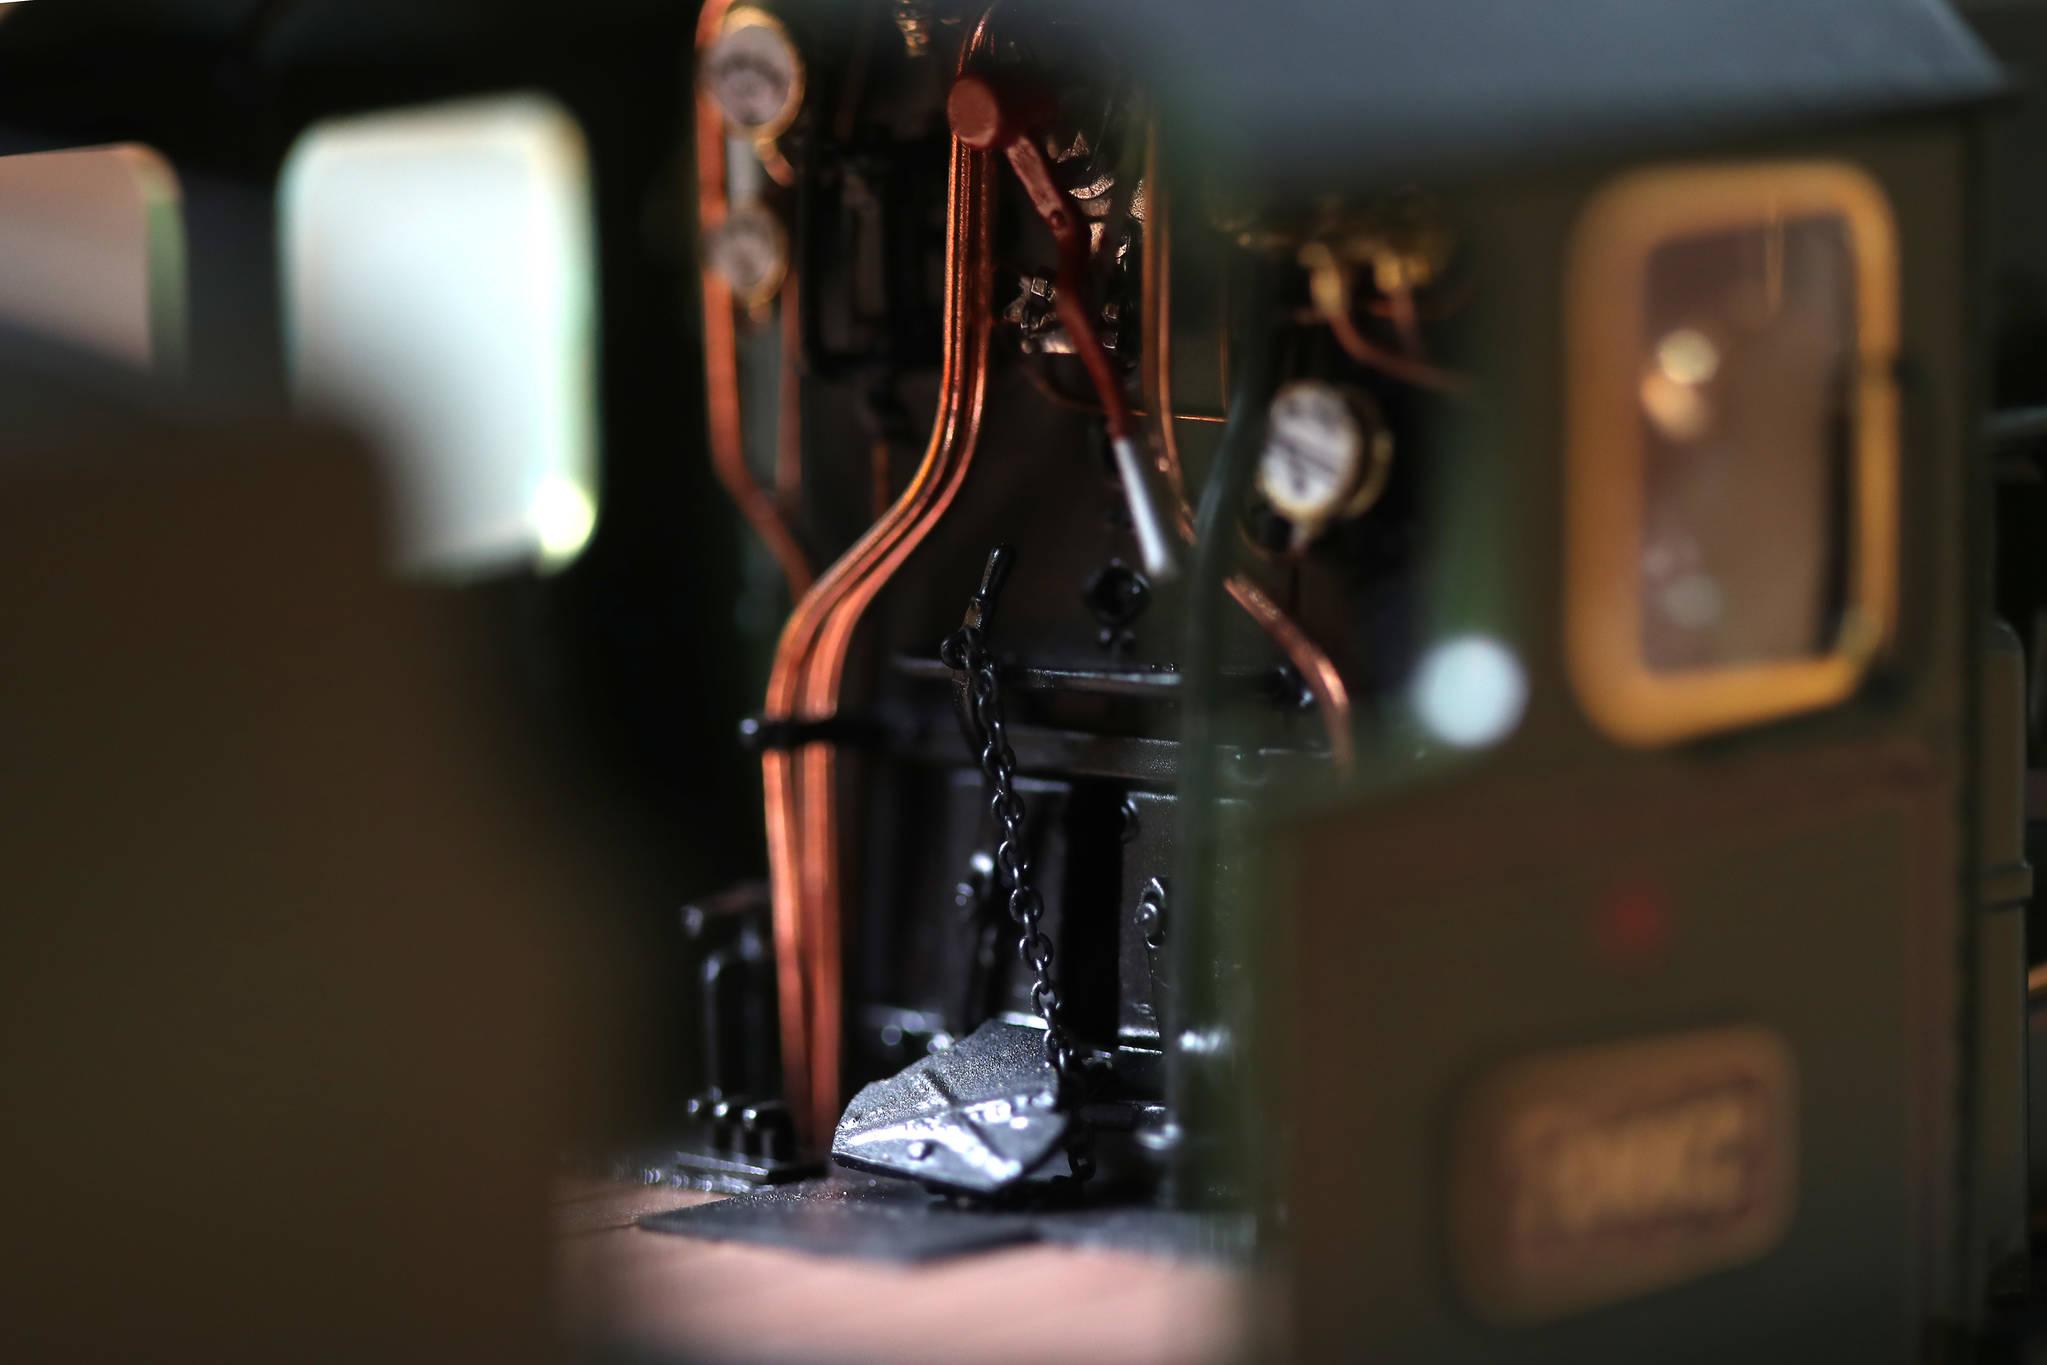 이 씨가 제작한 'CASTLE TRAIN'의 FIRE DOOR. 파이프의 배치나 발판의 이음새등 작은 부분까지 섬세하게 제작되어 있다. 우상조 기자